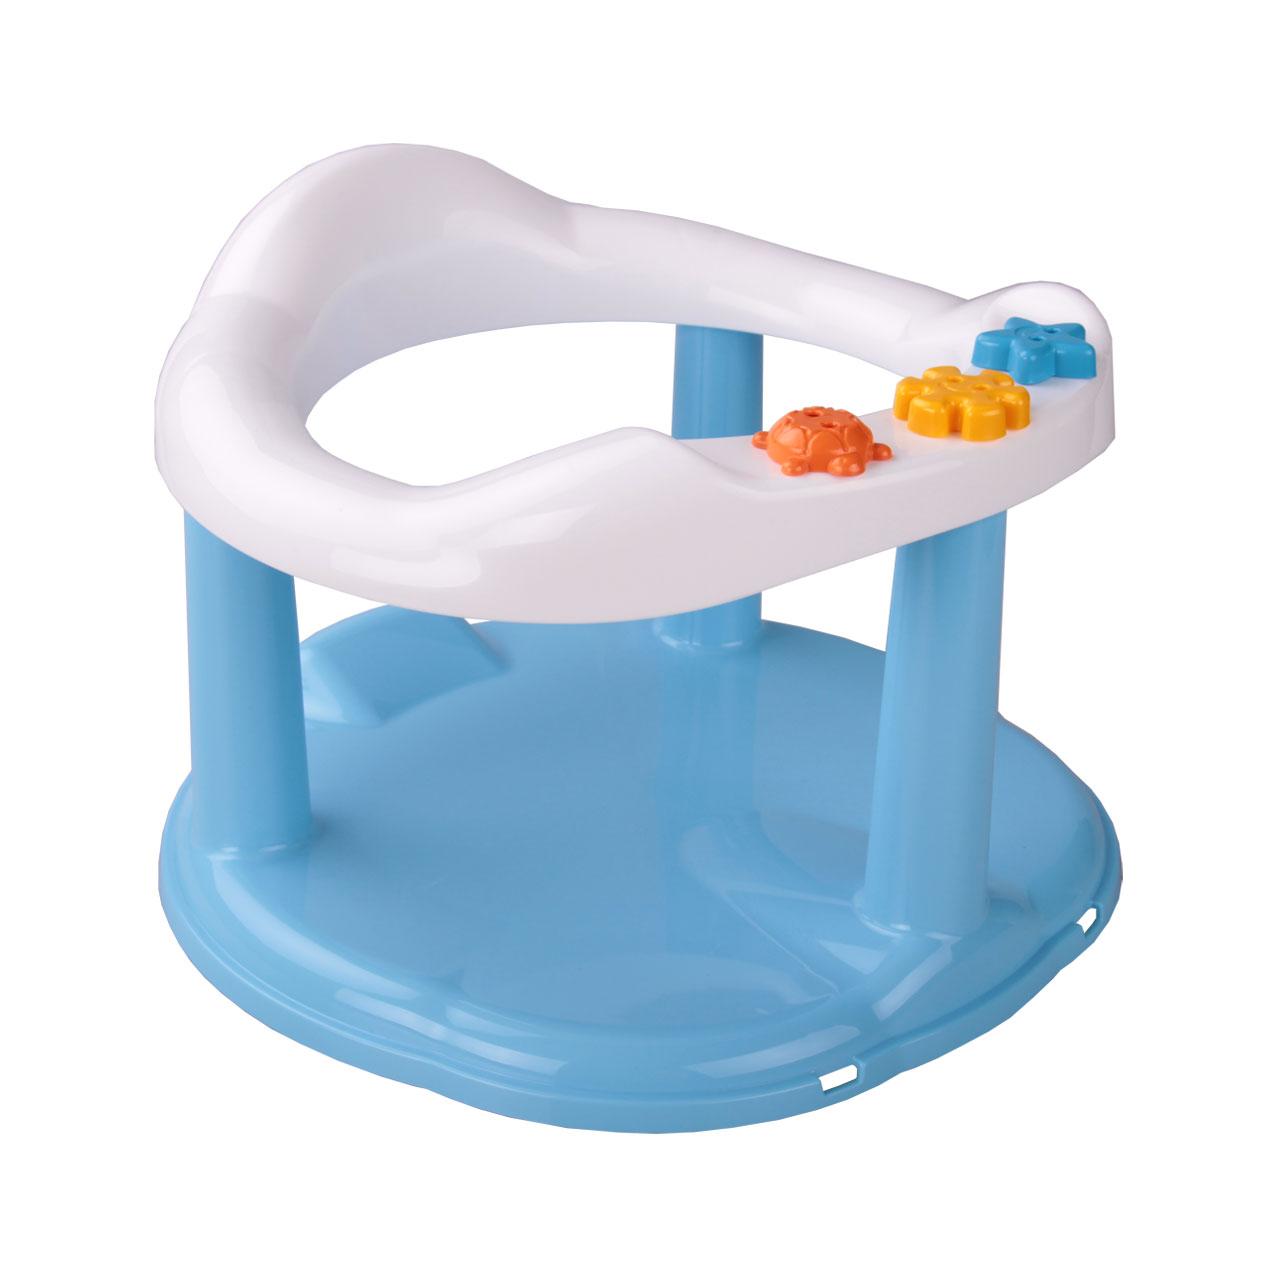 Сиденье для купания детское М6068(7)(9) Альтернатива